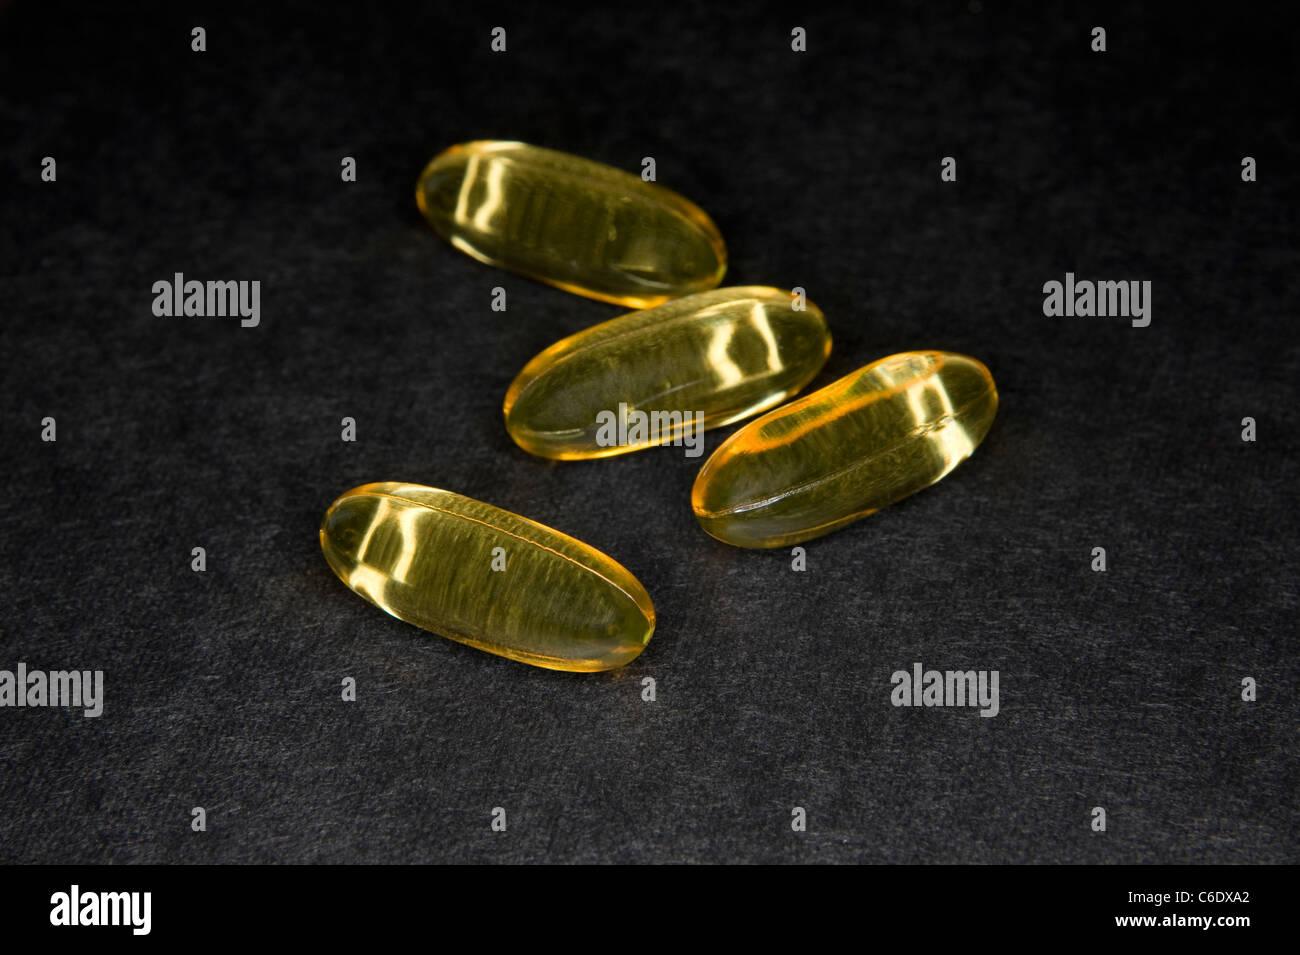 Des capsules d'huile de poisson sur une surface sombre texturé Photo Stock